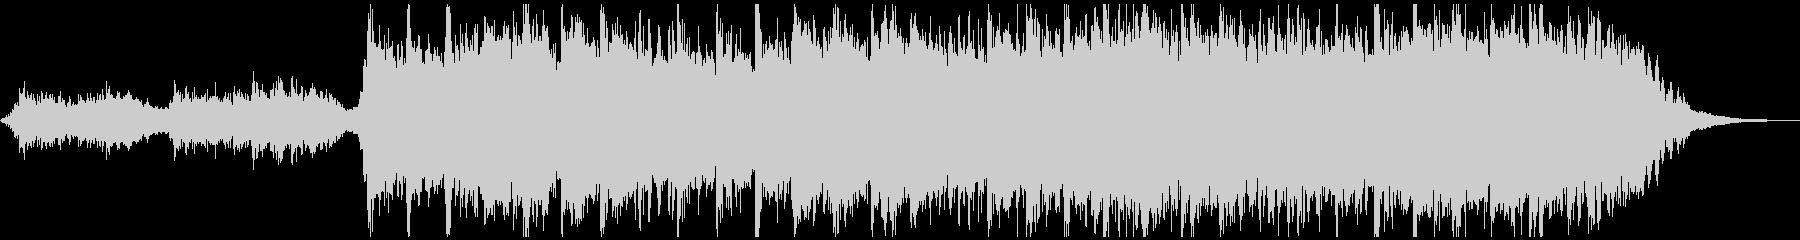 現代的 交響曲 エレクトロ 未来 ...の未再生の波形